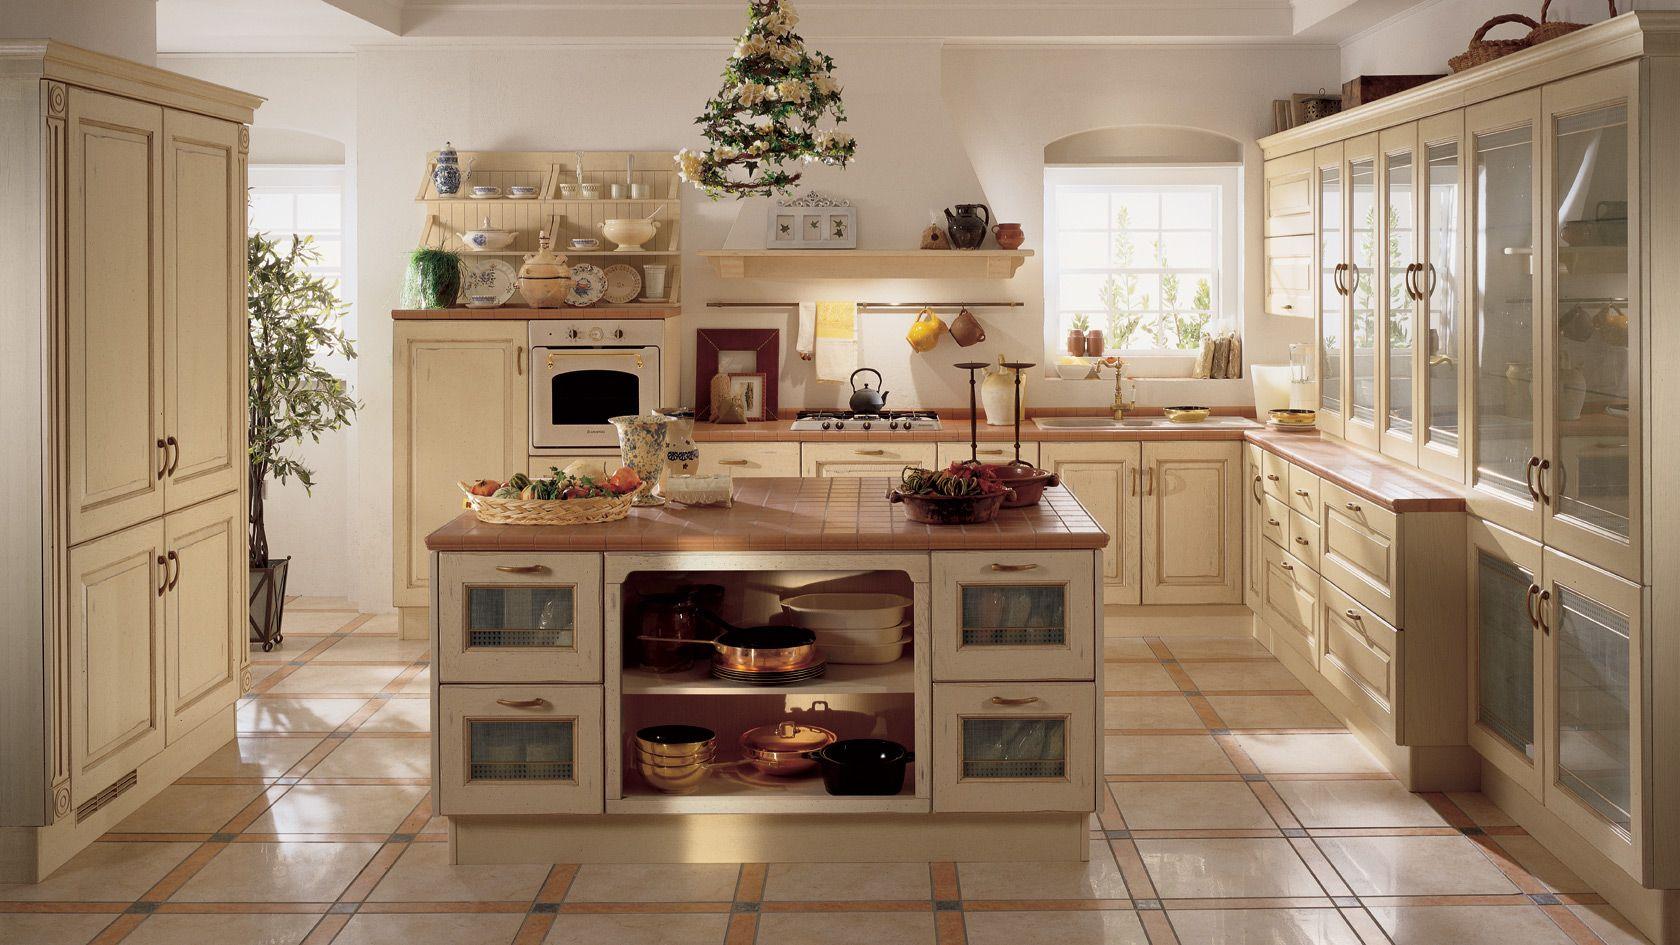 Cucina Belvedere Scavolini | mobilier | Pinterest | Cucina, Cucine ...